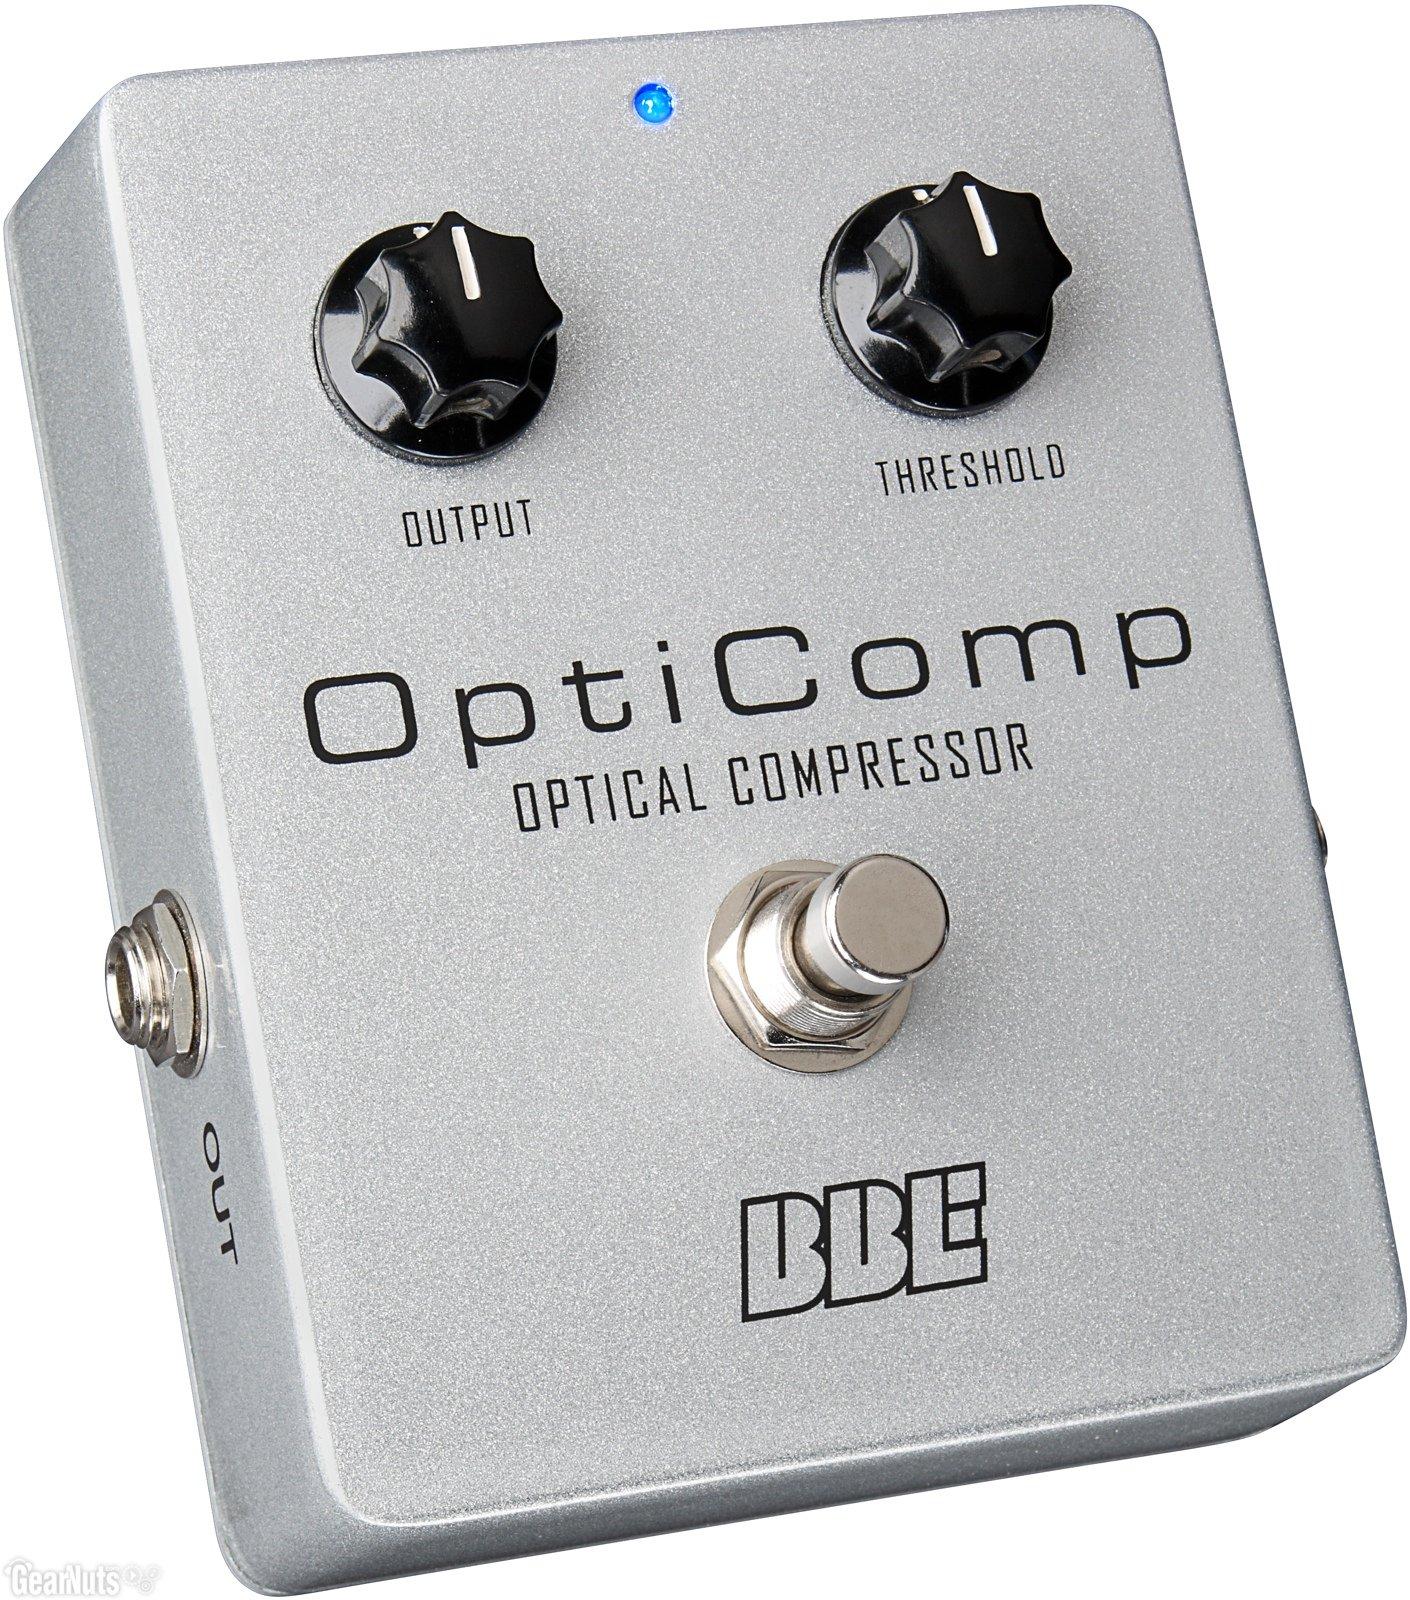 BBE OptiComp Optical Compressor Guitar and Bass Pedal